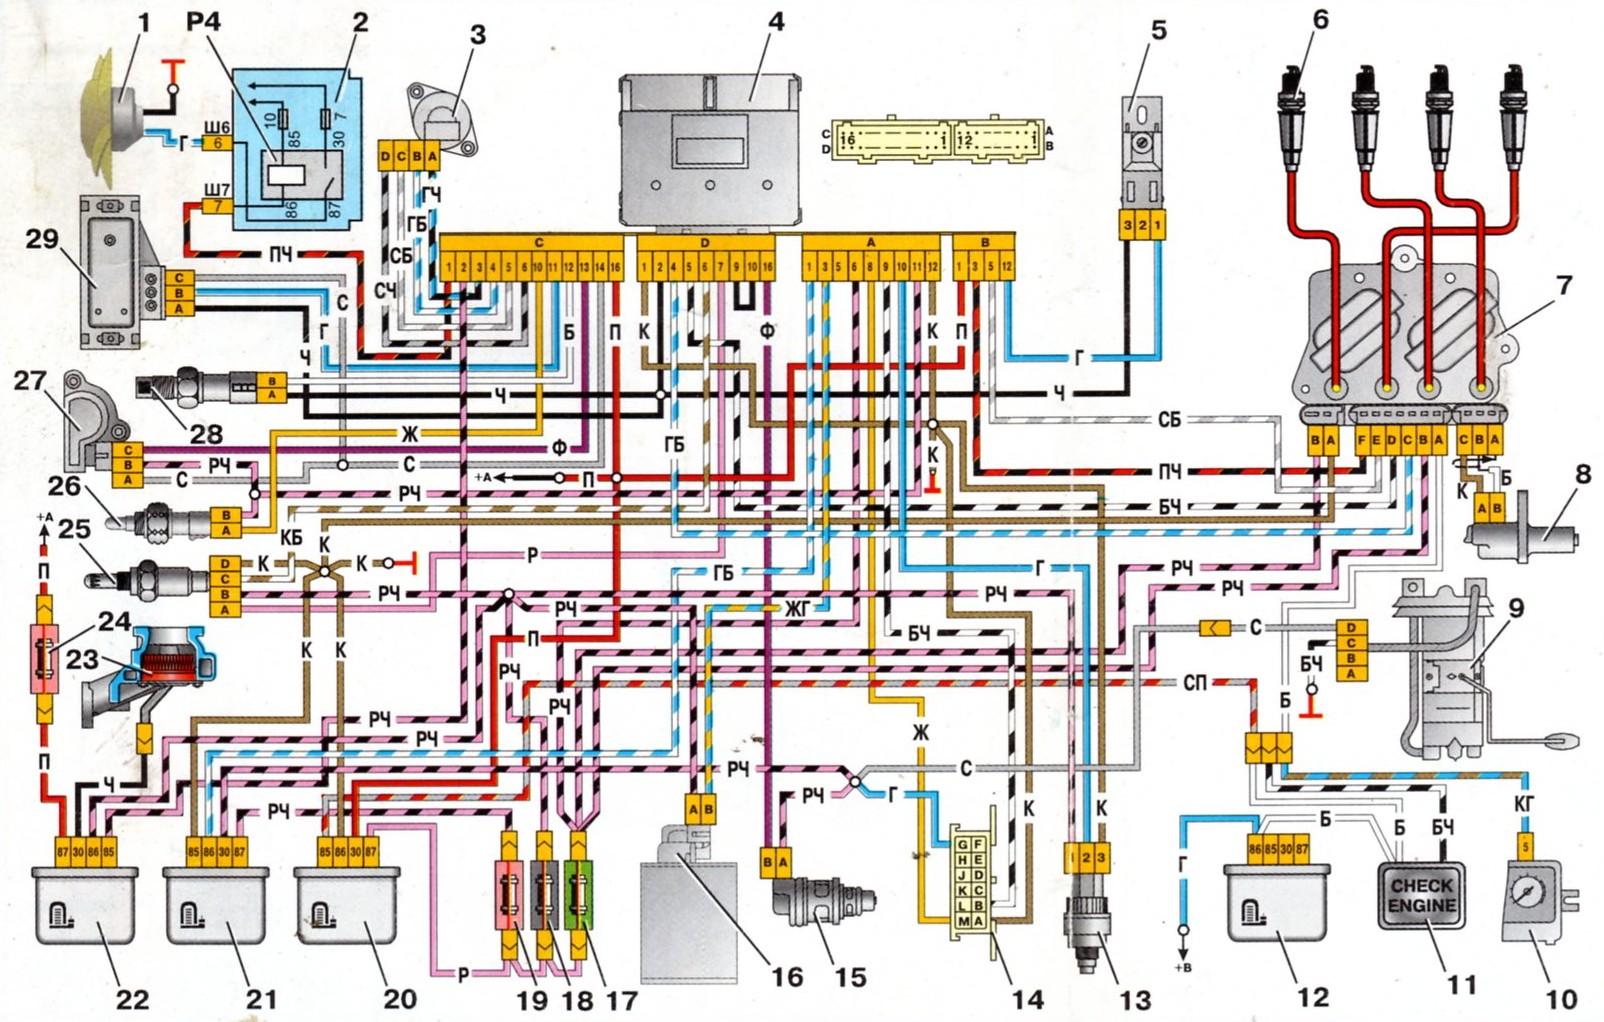 инжектор 2107 электронная ваз схема